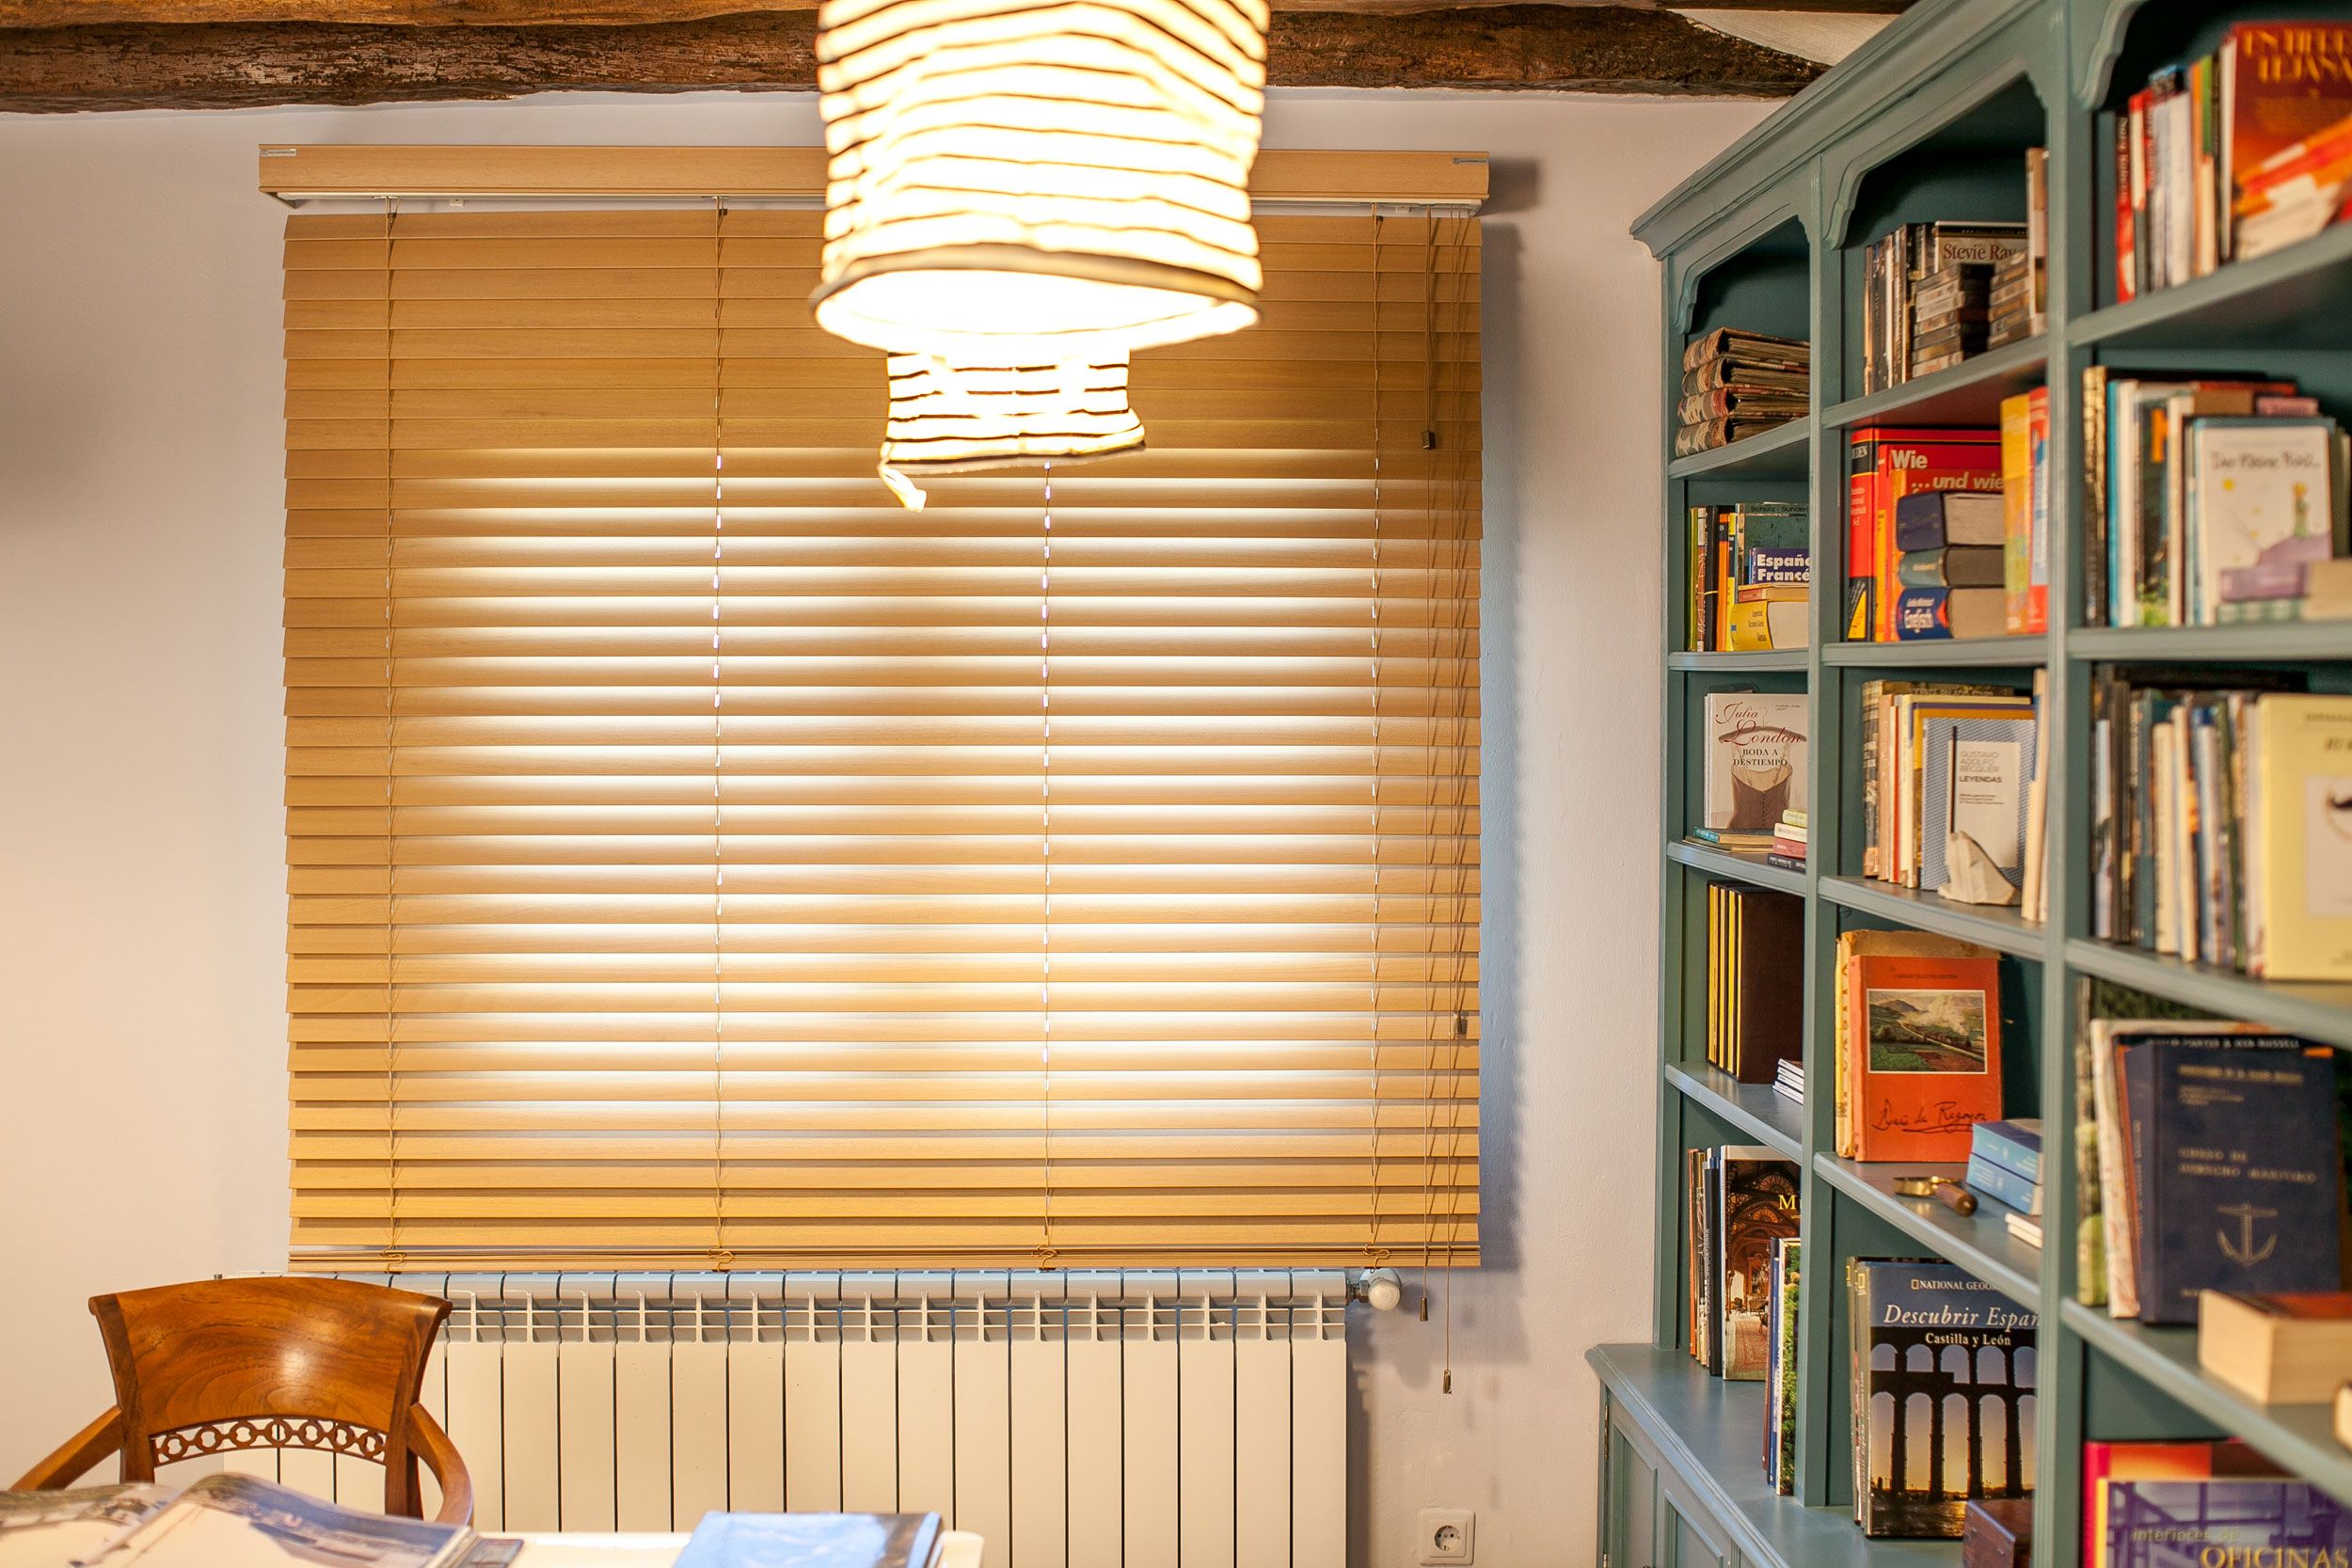 Estores persianas y paneles para la decoraci n de for Hogarmania com decoracion